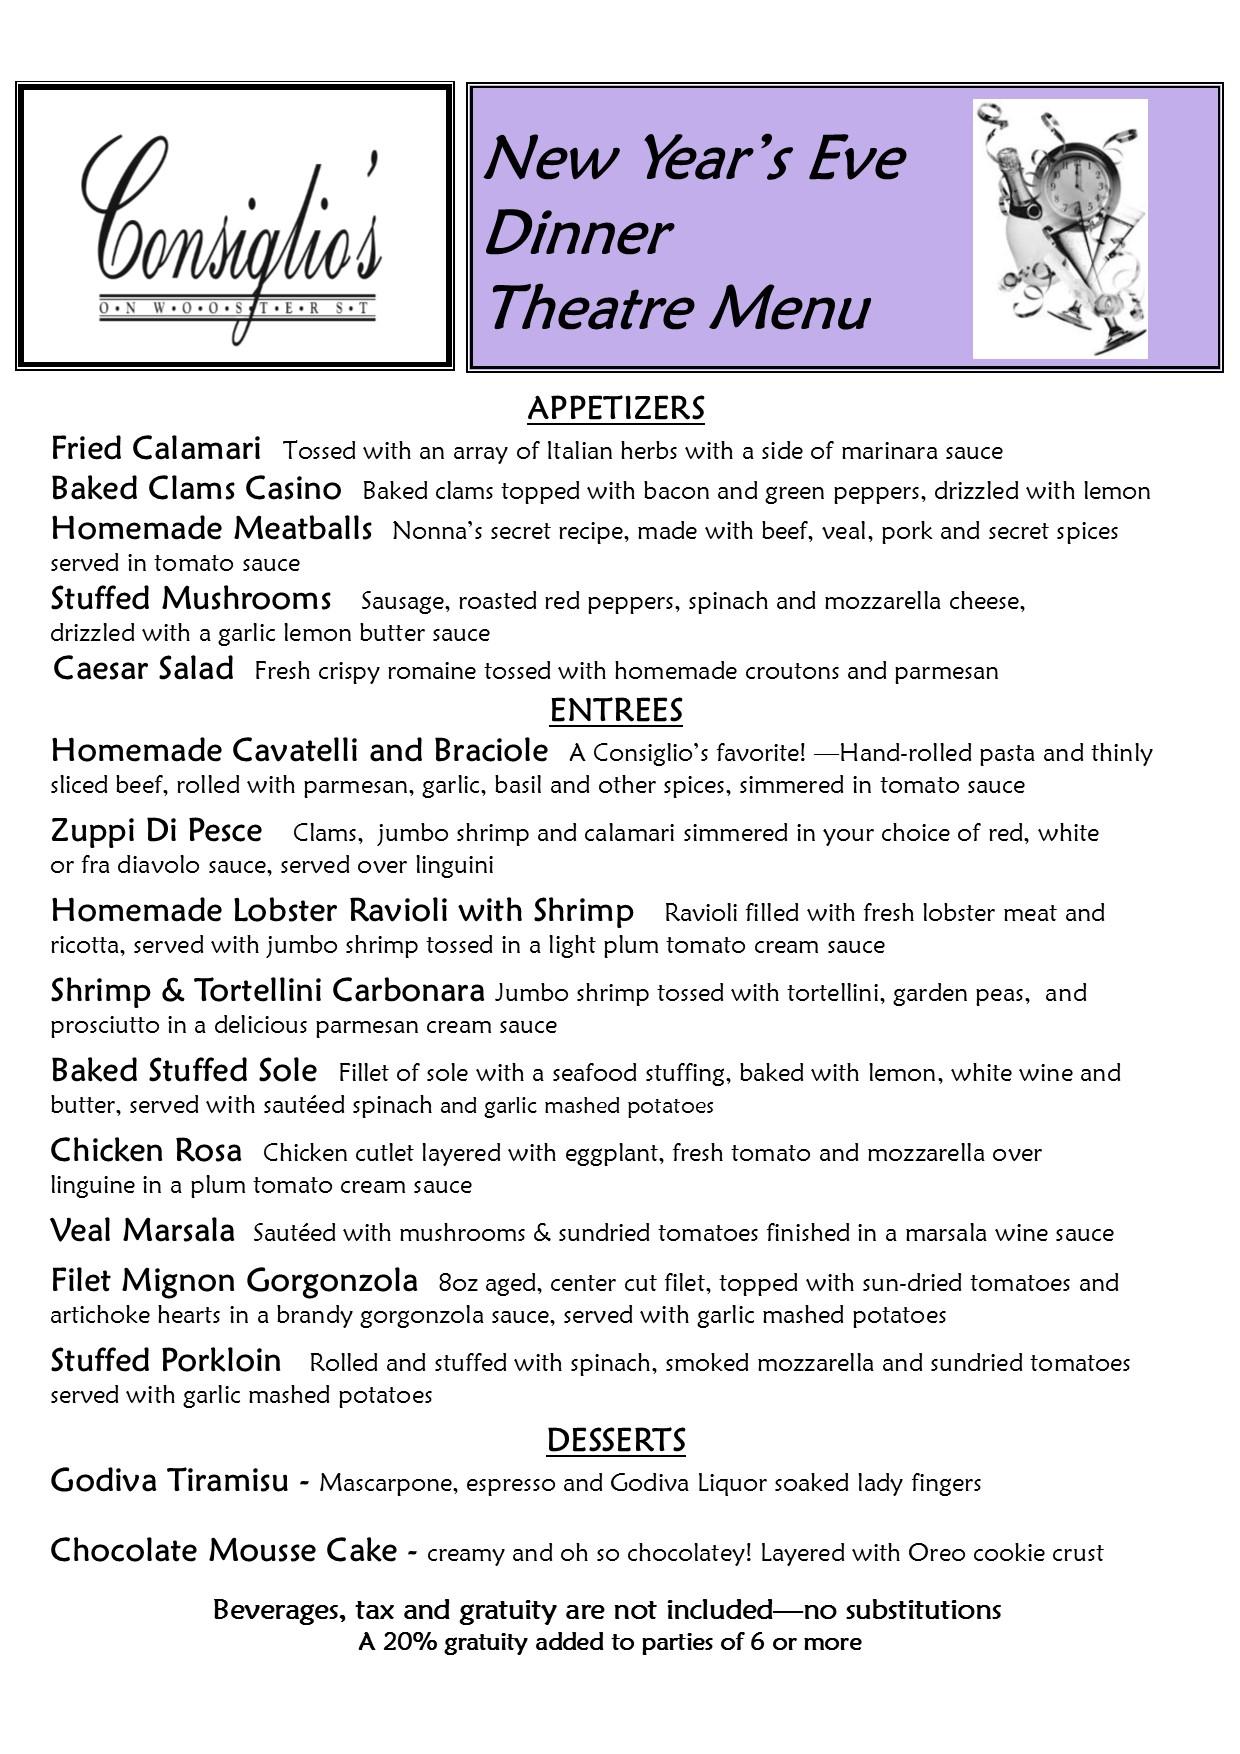 NYE Dinner Theatre Prix Fixe menu .jpg